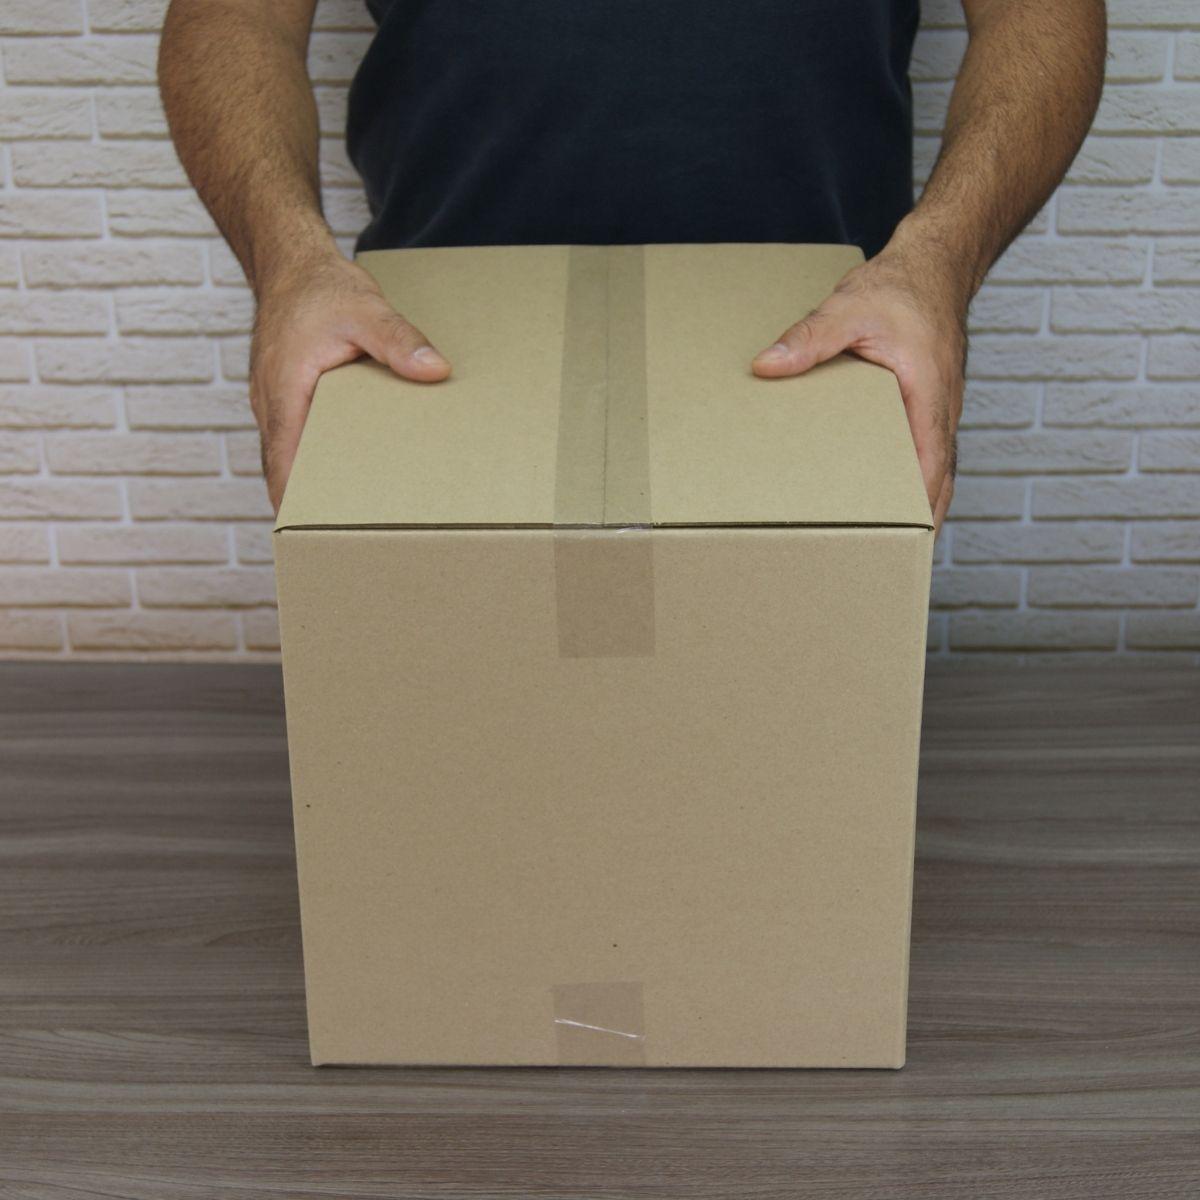 25 Caixas de Papelao (40X30X30)cm - Sedex / Pac / Correios